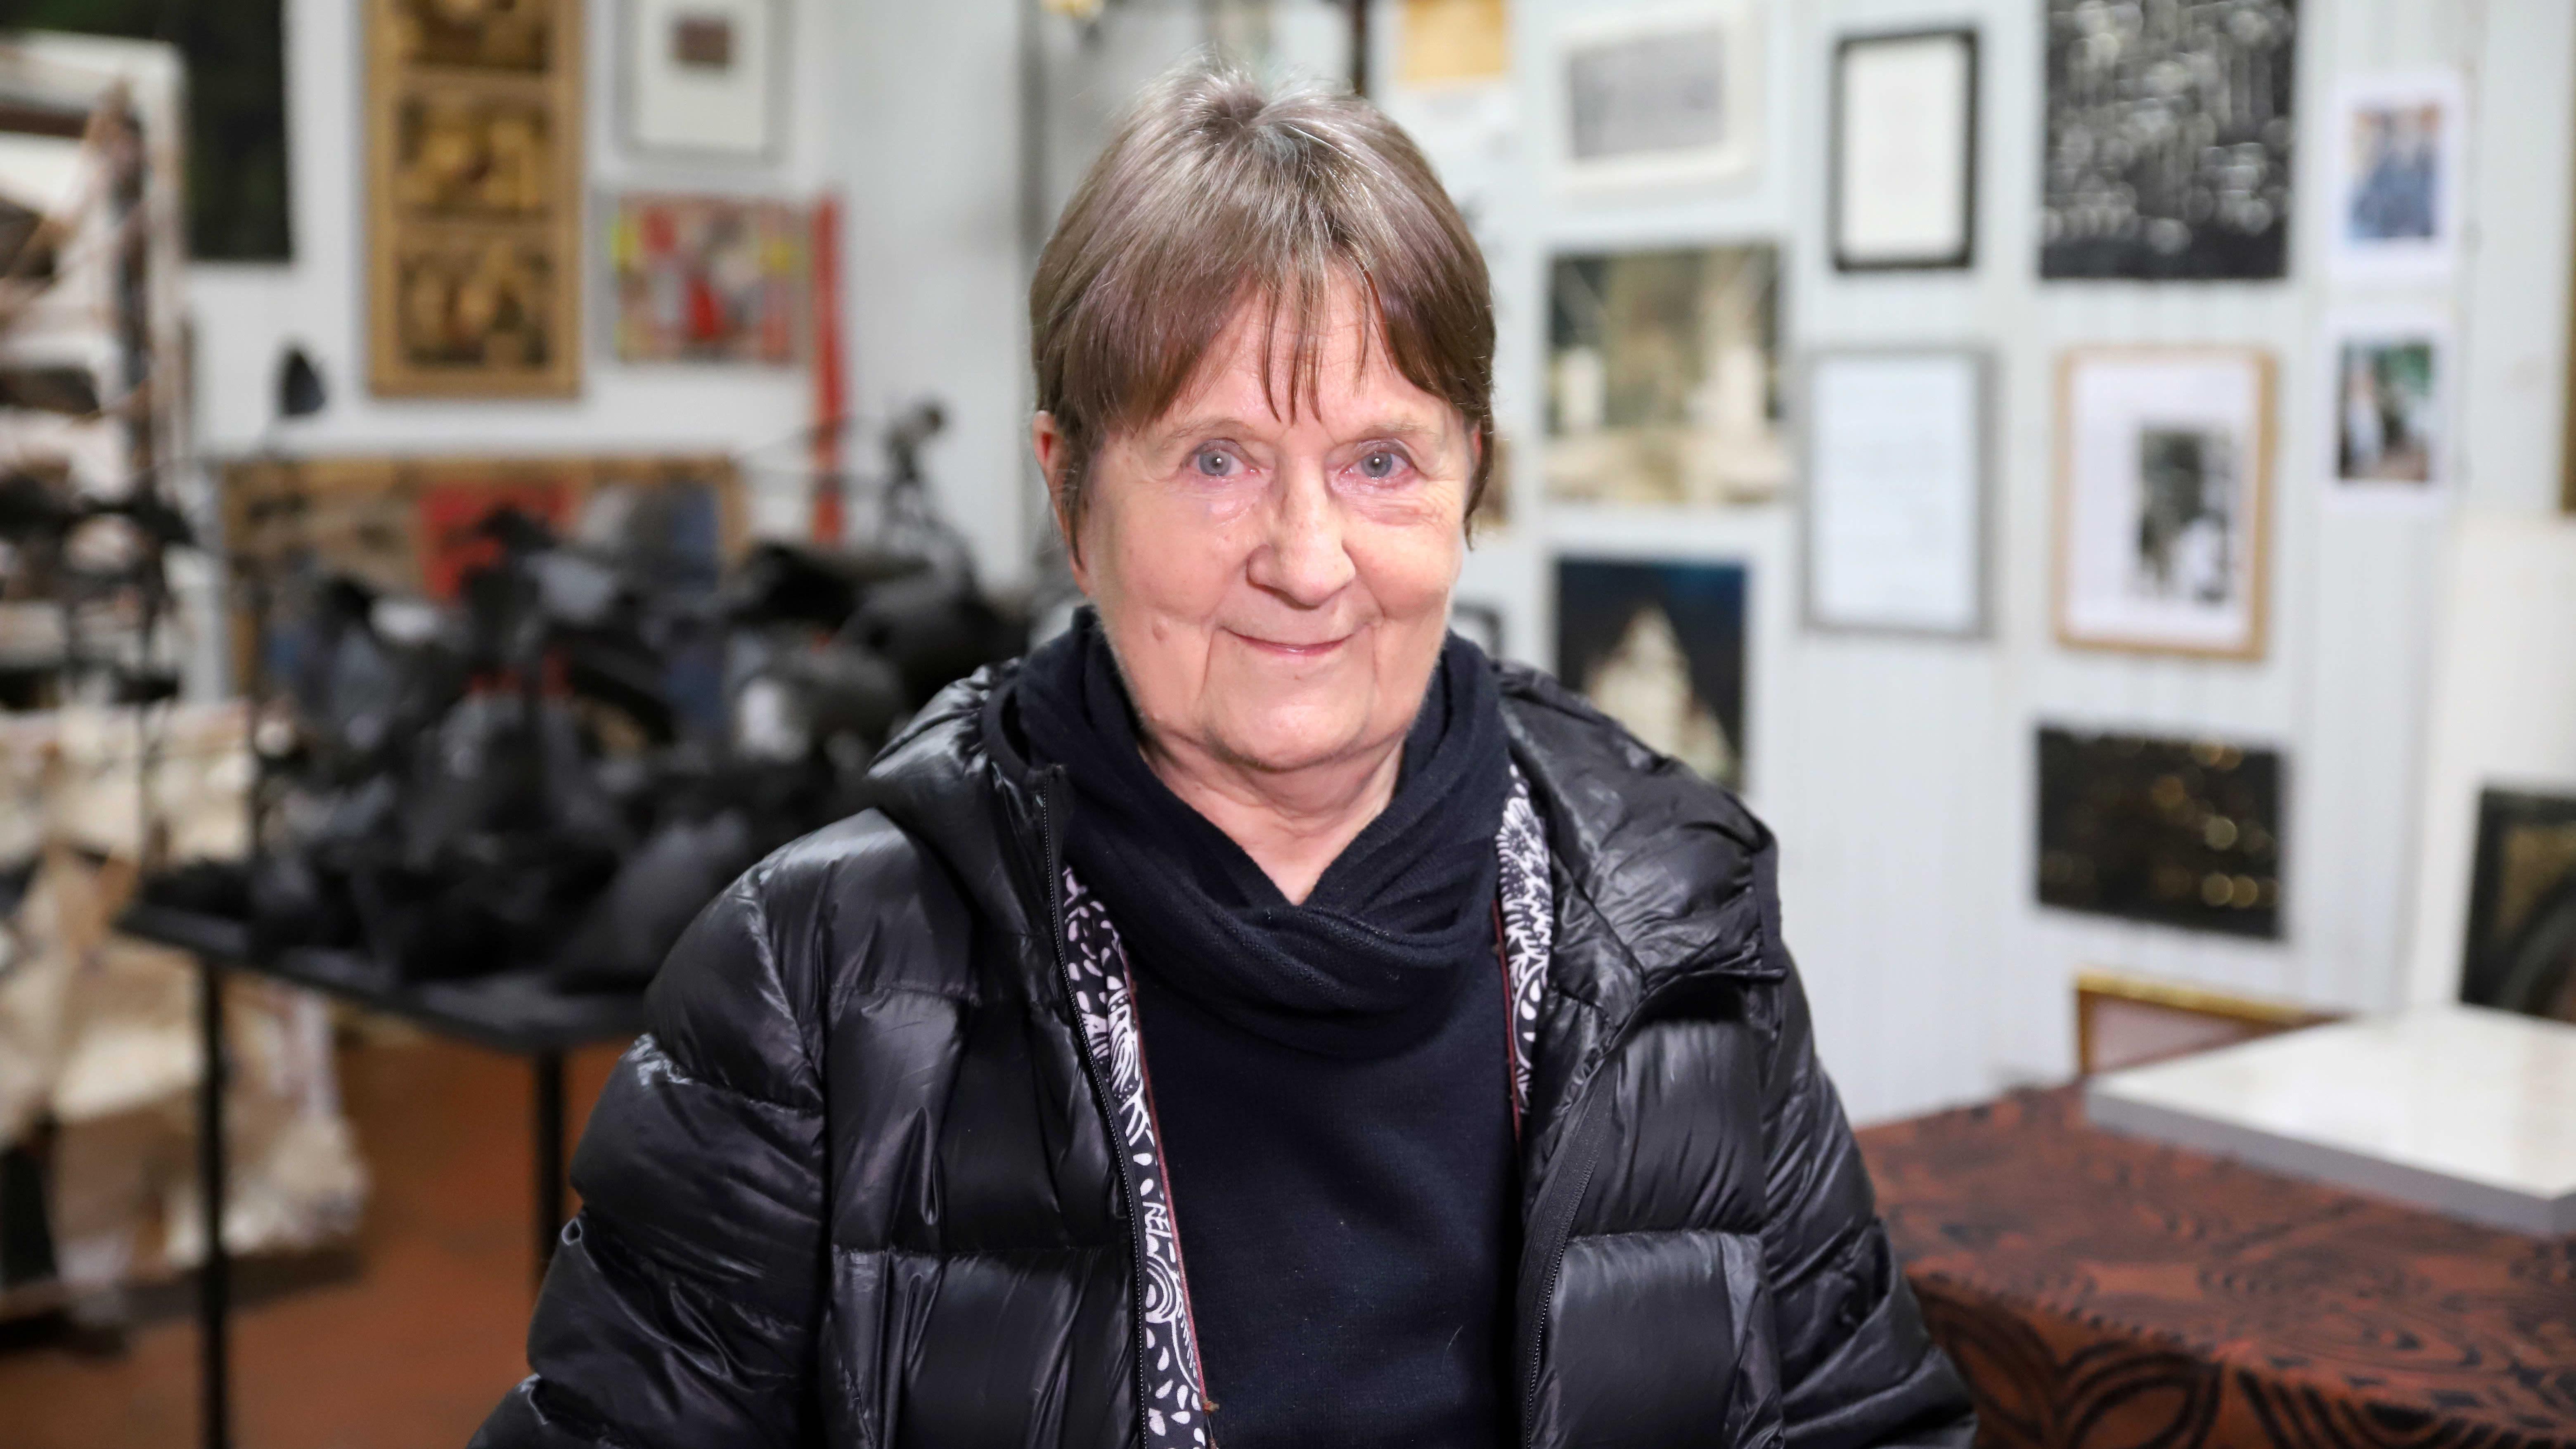 Kuvanveistäjä, professori Mauno Hartman loi elämänsä aikana tuhansia teoksia